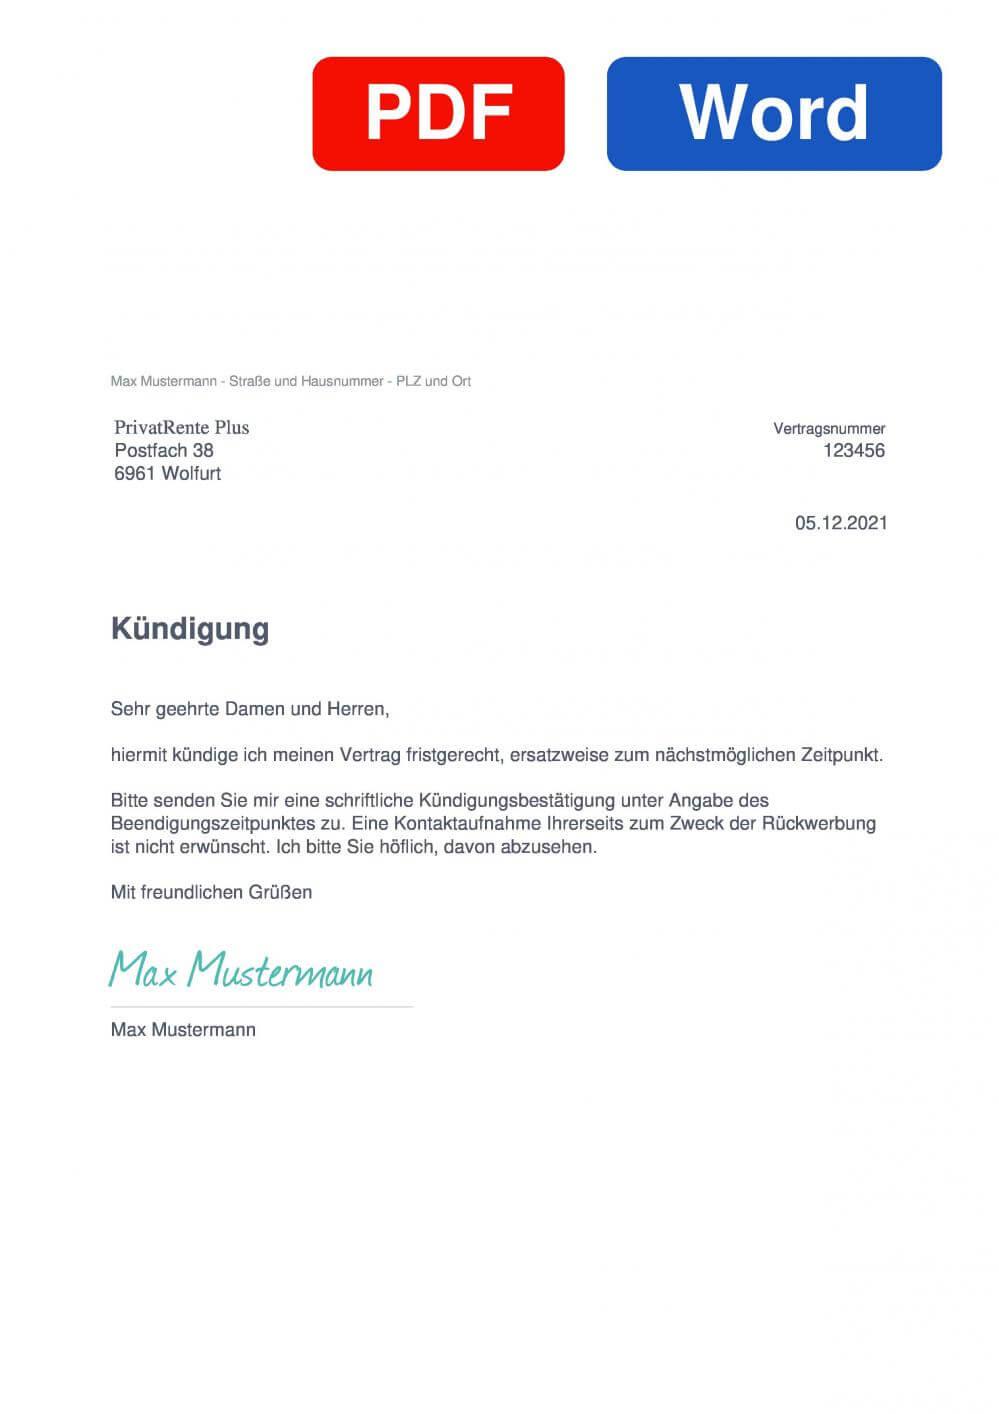 PrivatRente Plus Muster Vorlage für Kündigungsschreiben